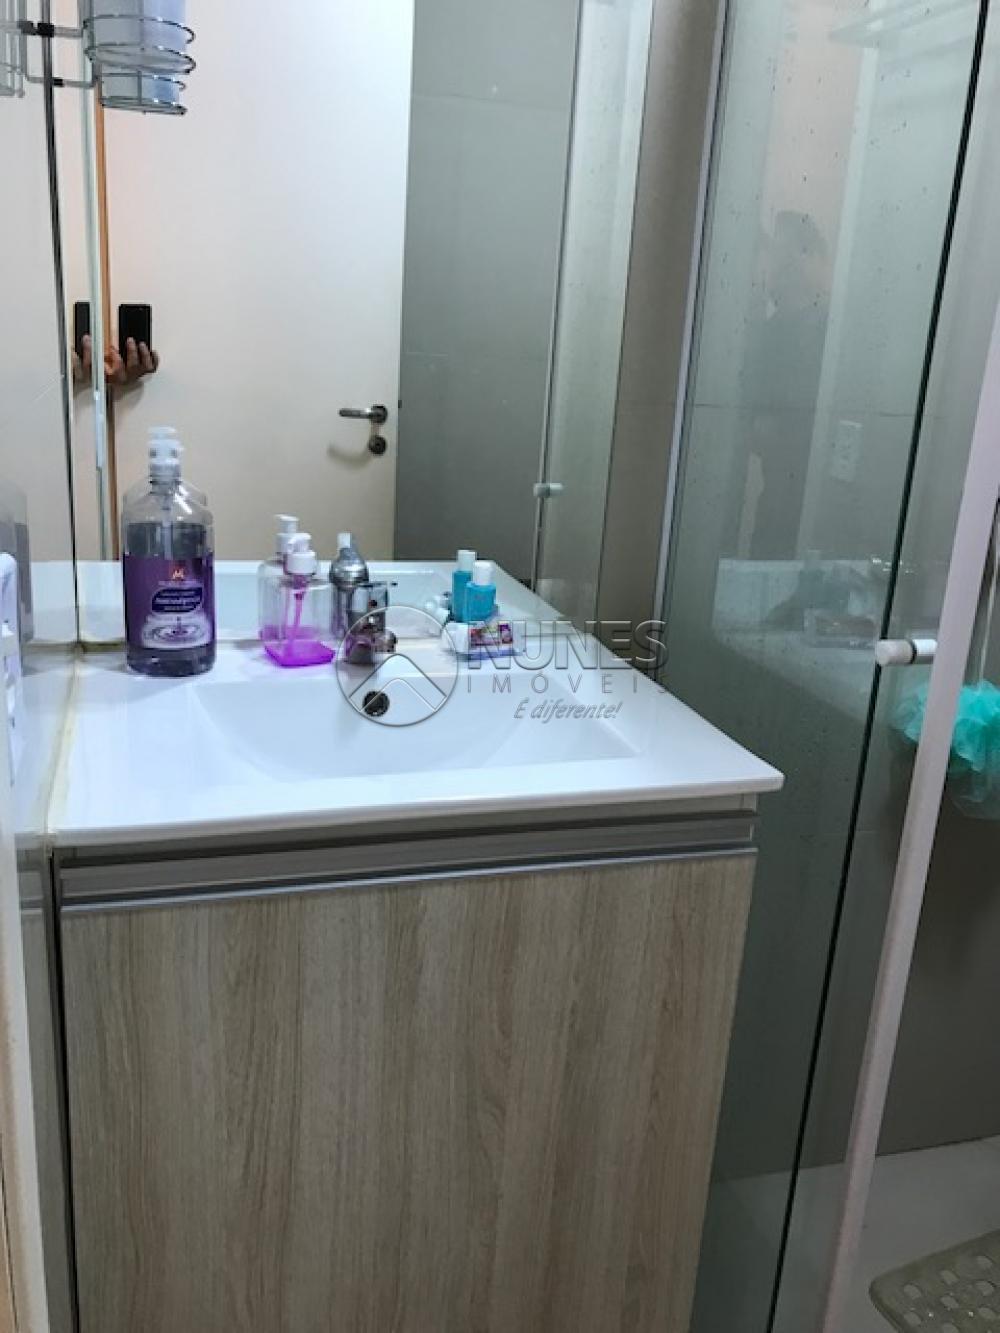 Comprar Apartamento / Padrão em Osasco apenas R$ 340.000,00 - Foto 6